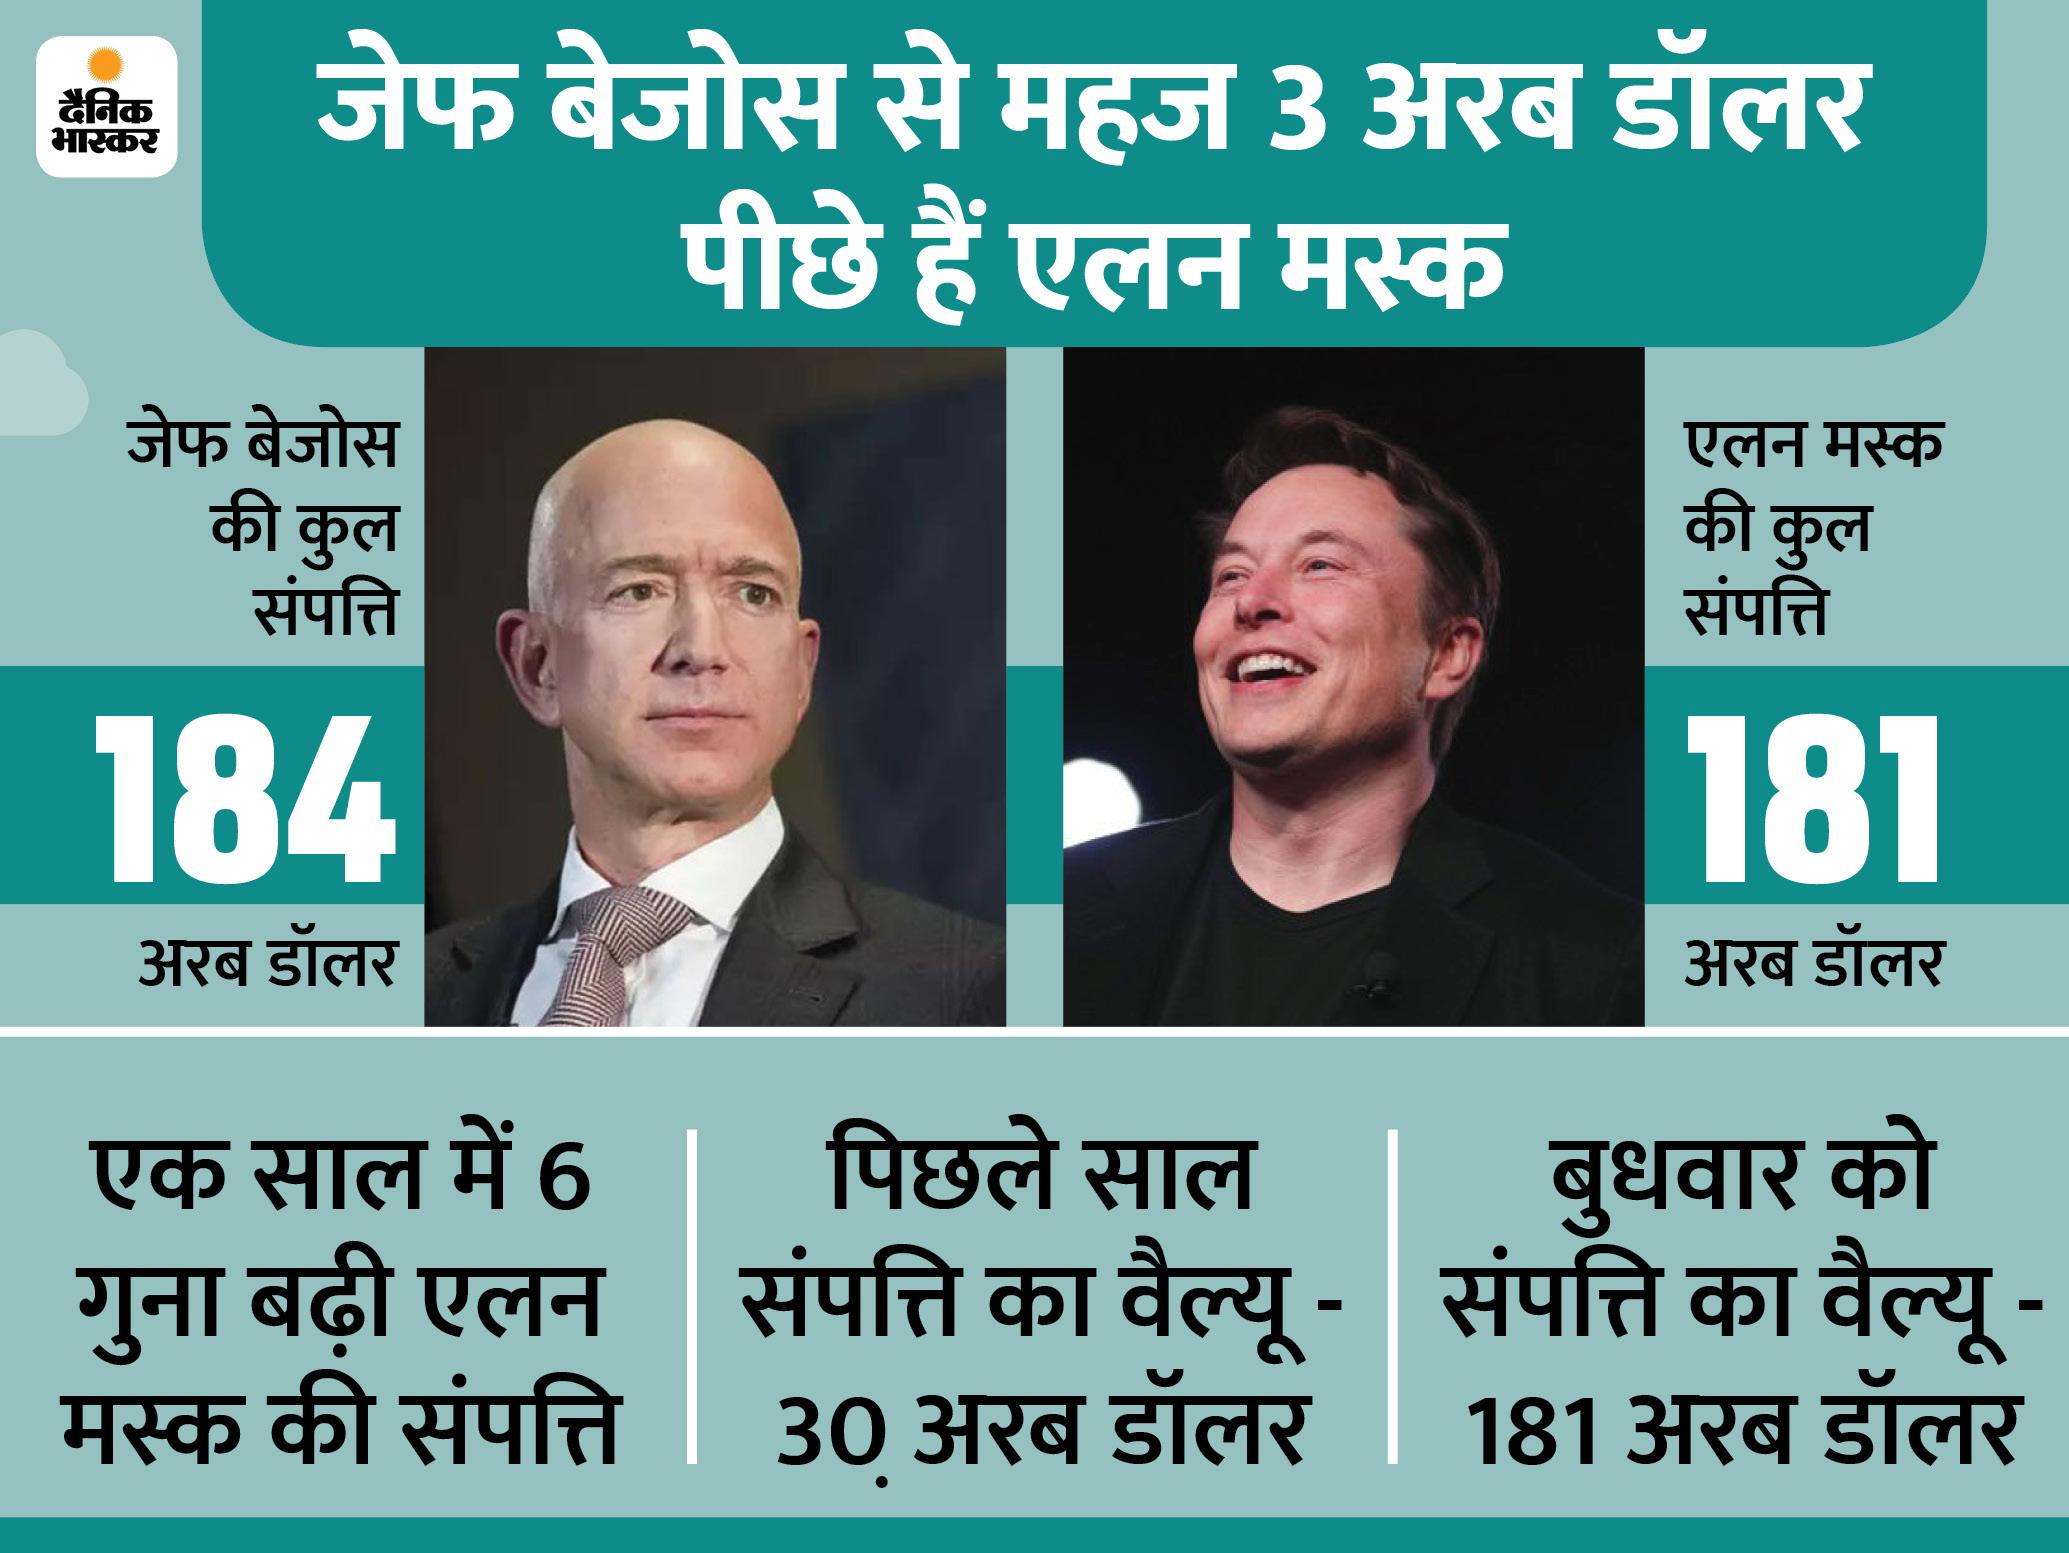 एलन मस्क जेफ बेजोस को पछाड़कर जल्द ही बन सकते हैं दुनिया के सबसे धनी शख्स, बस 3 अरब डॉलर हैं पीछे बिजनेस,Business - Dainik Bhaskar